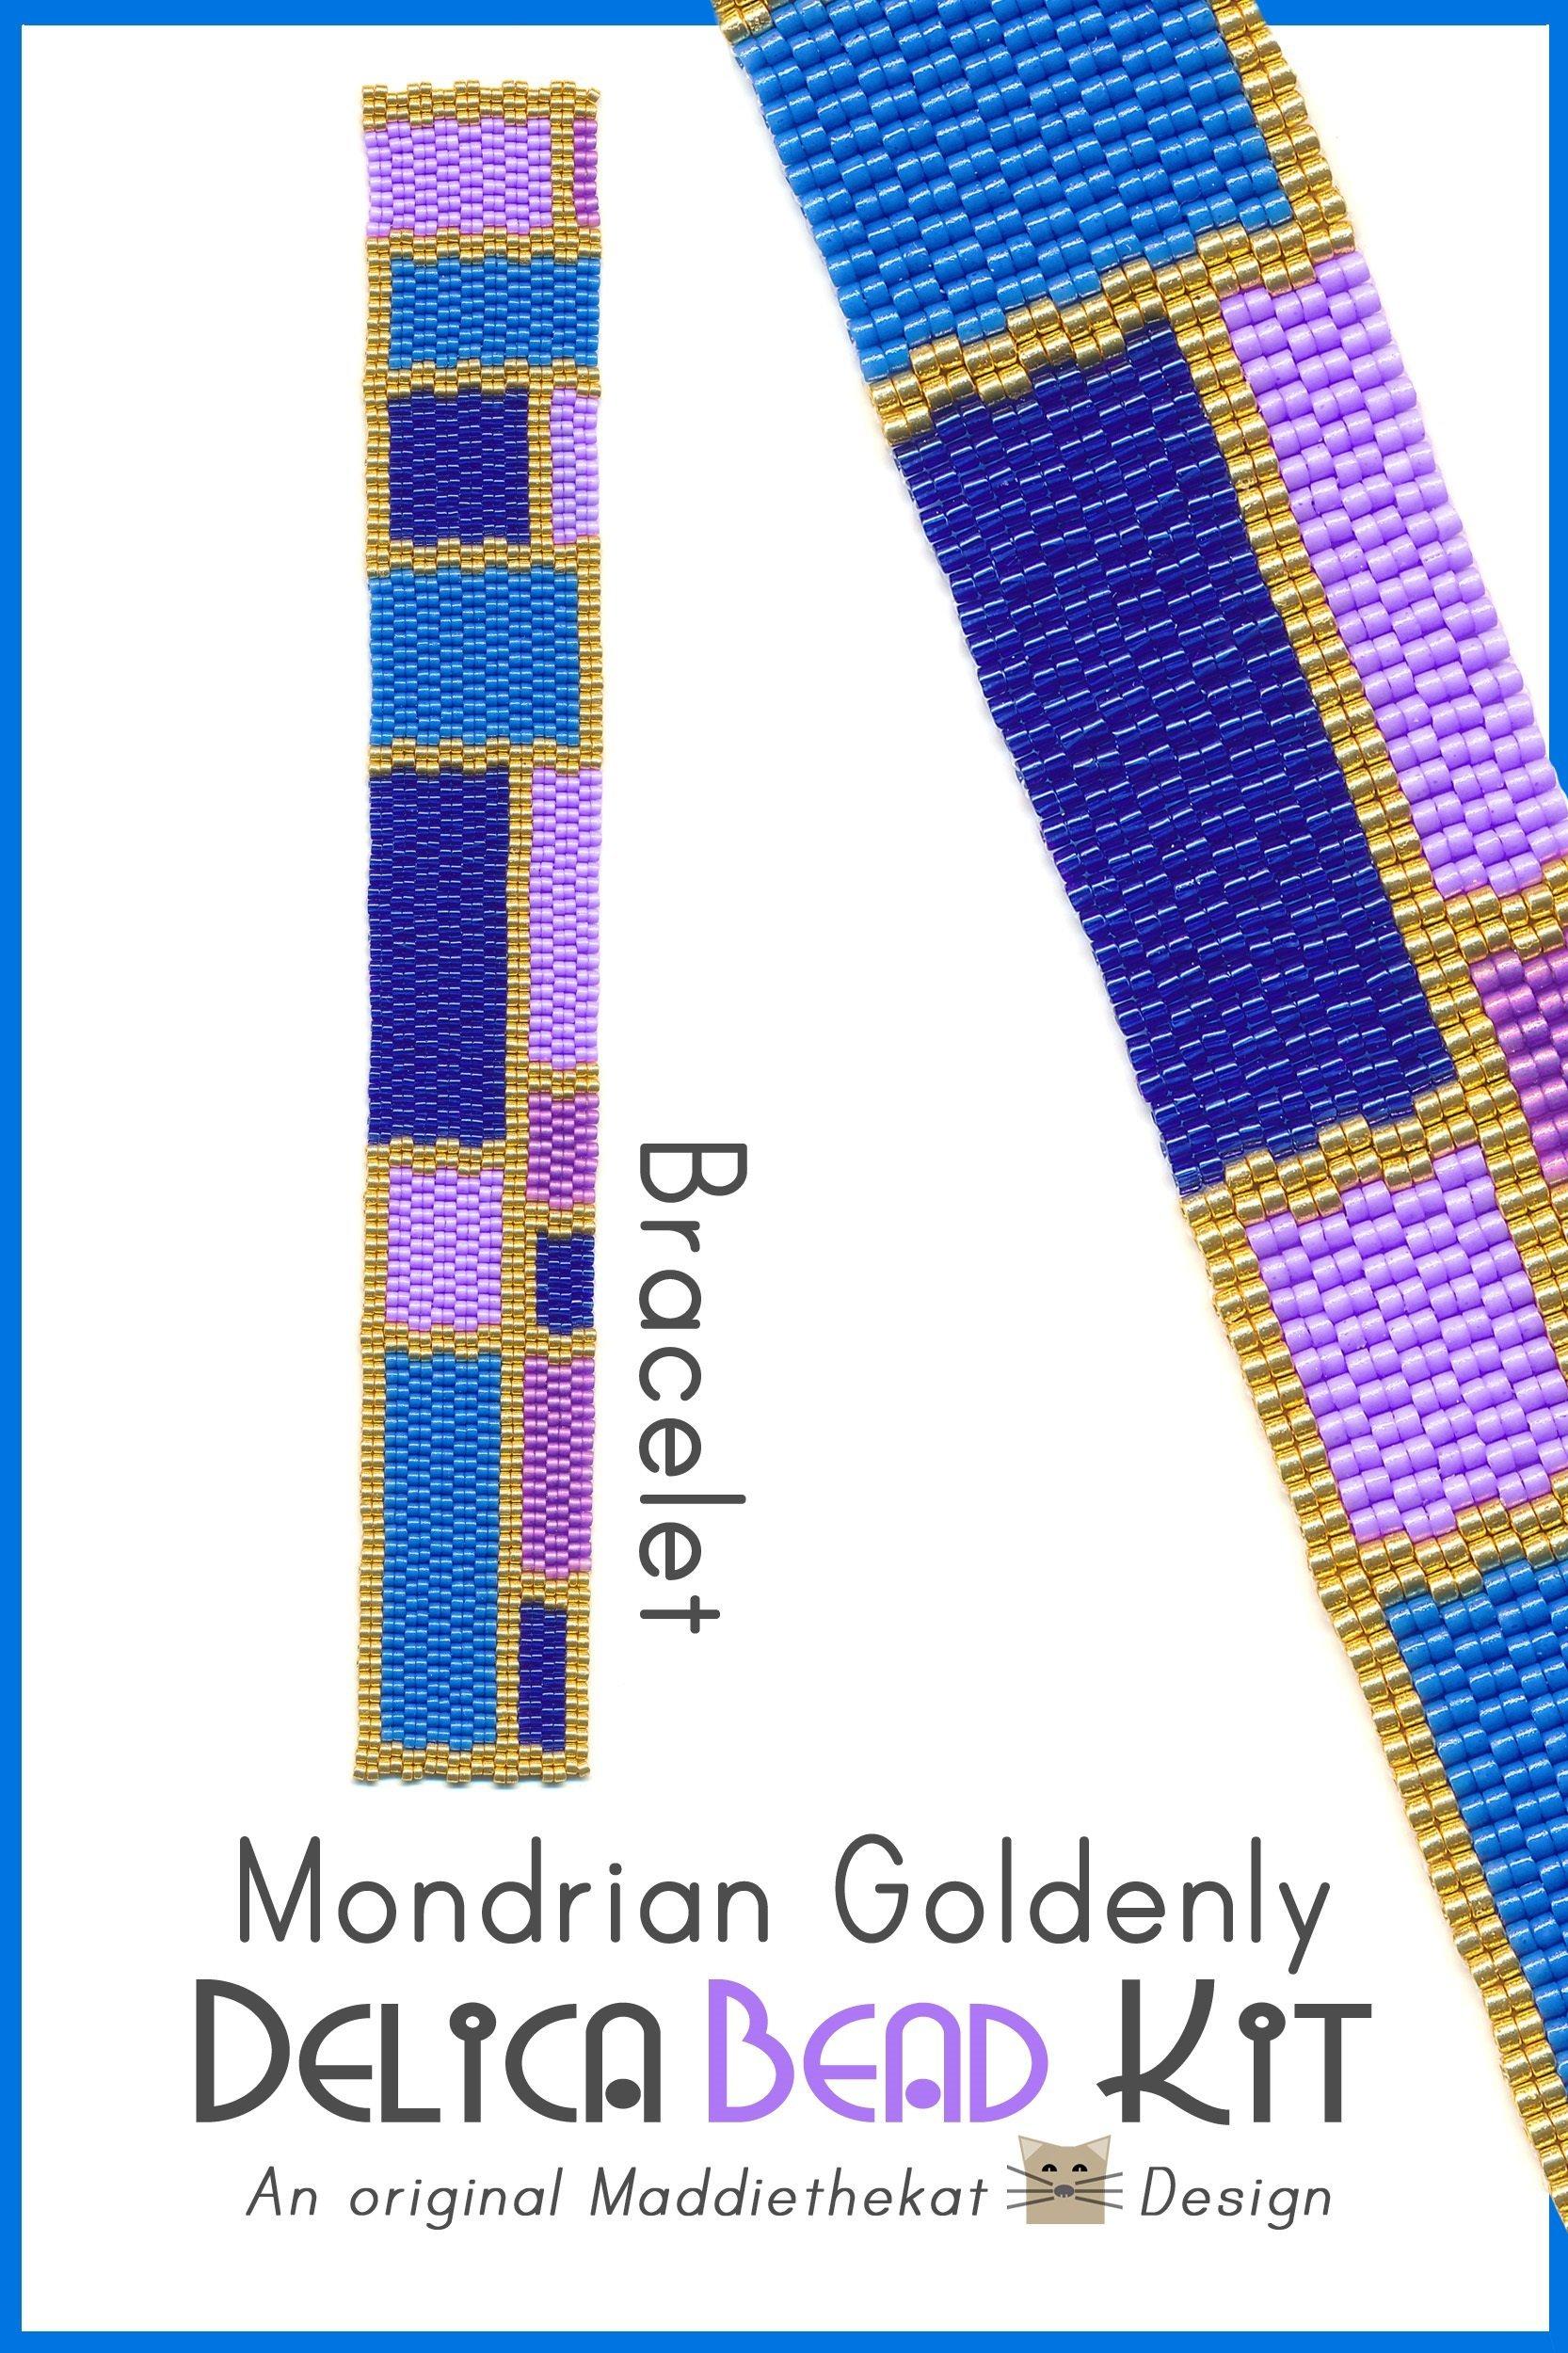 Mondrian Goldenly Slim Bracelet 2-Drop Peyote Bead Pattern or Bead Kit